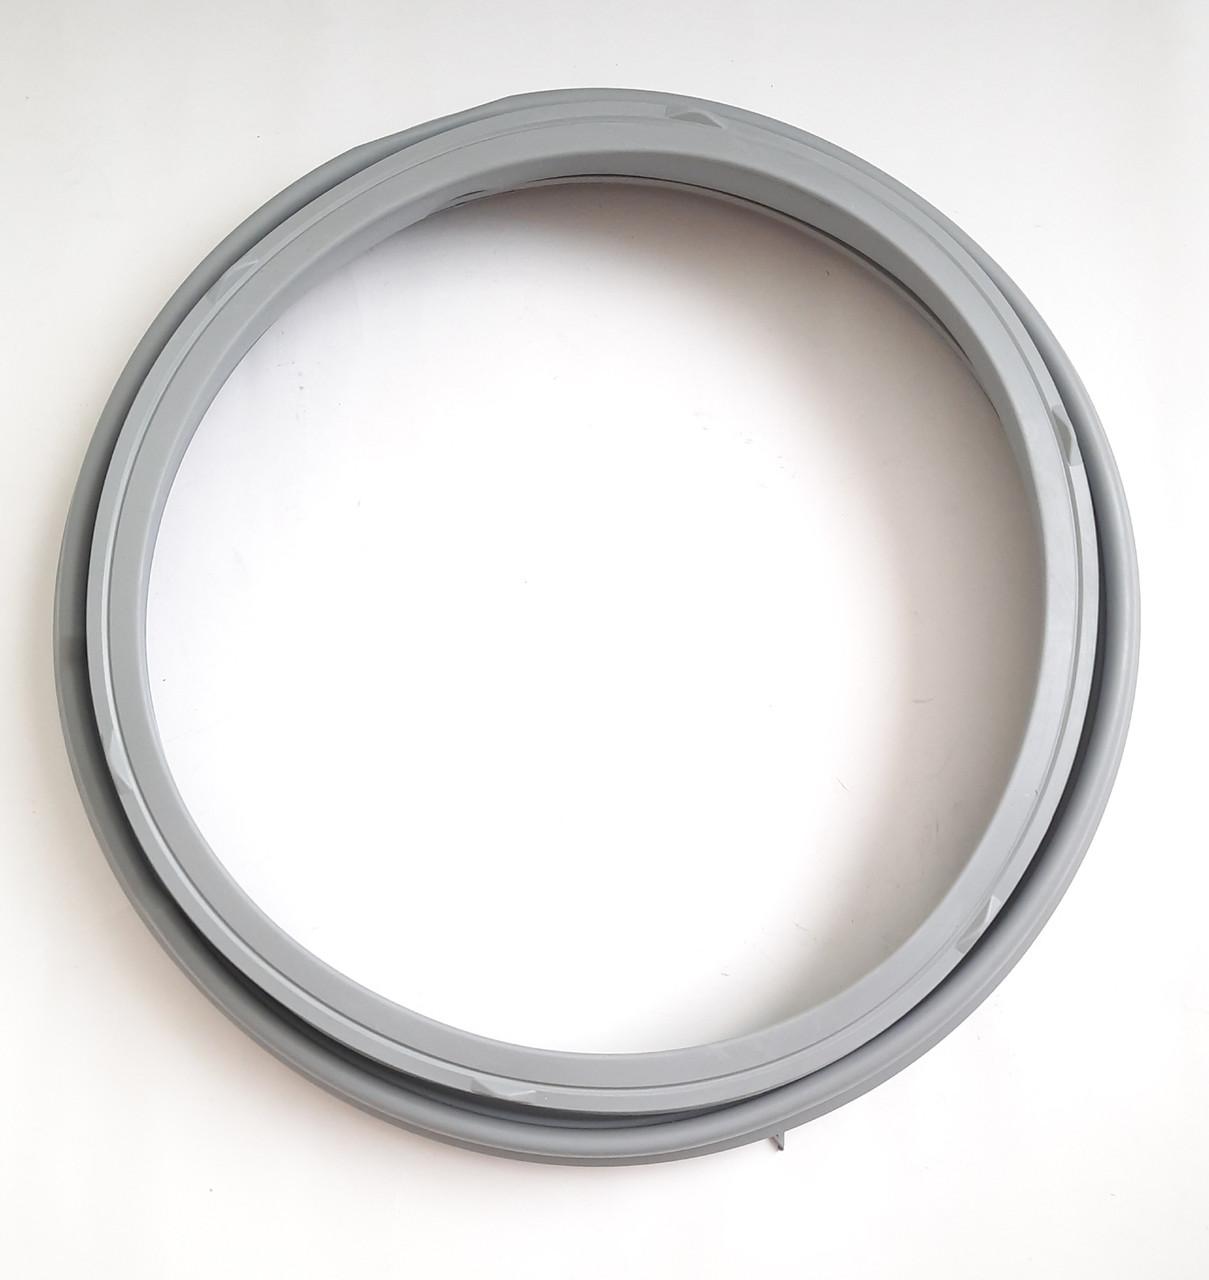 Резина дверки для стиральной машины LG 5kg 4986ER1004A аналог